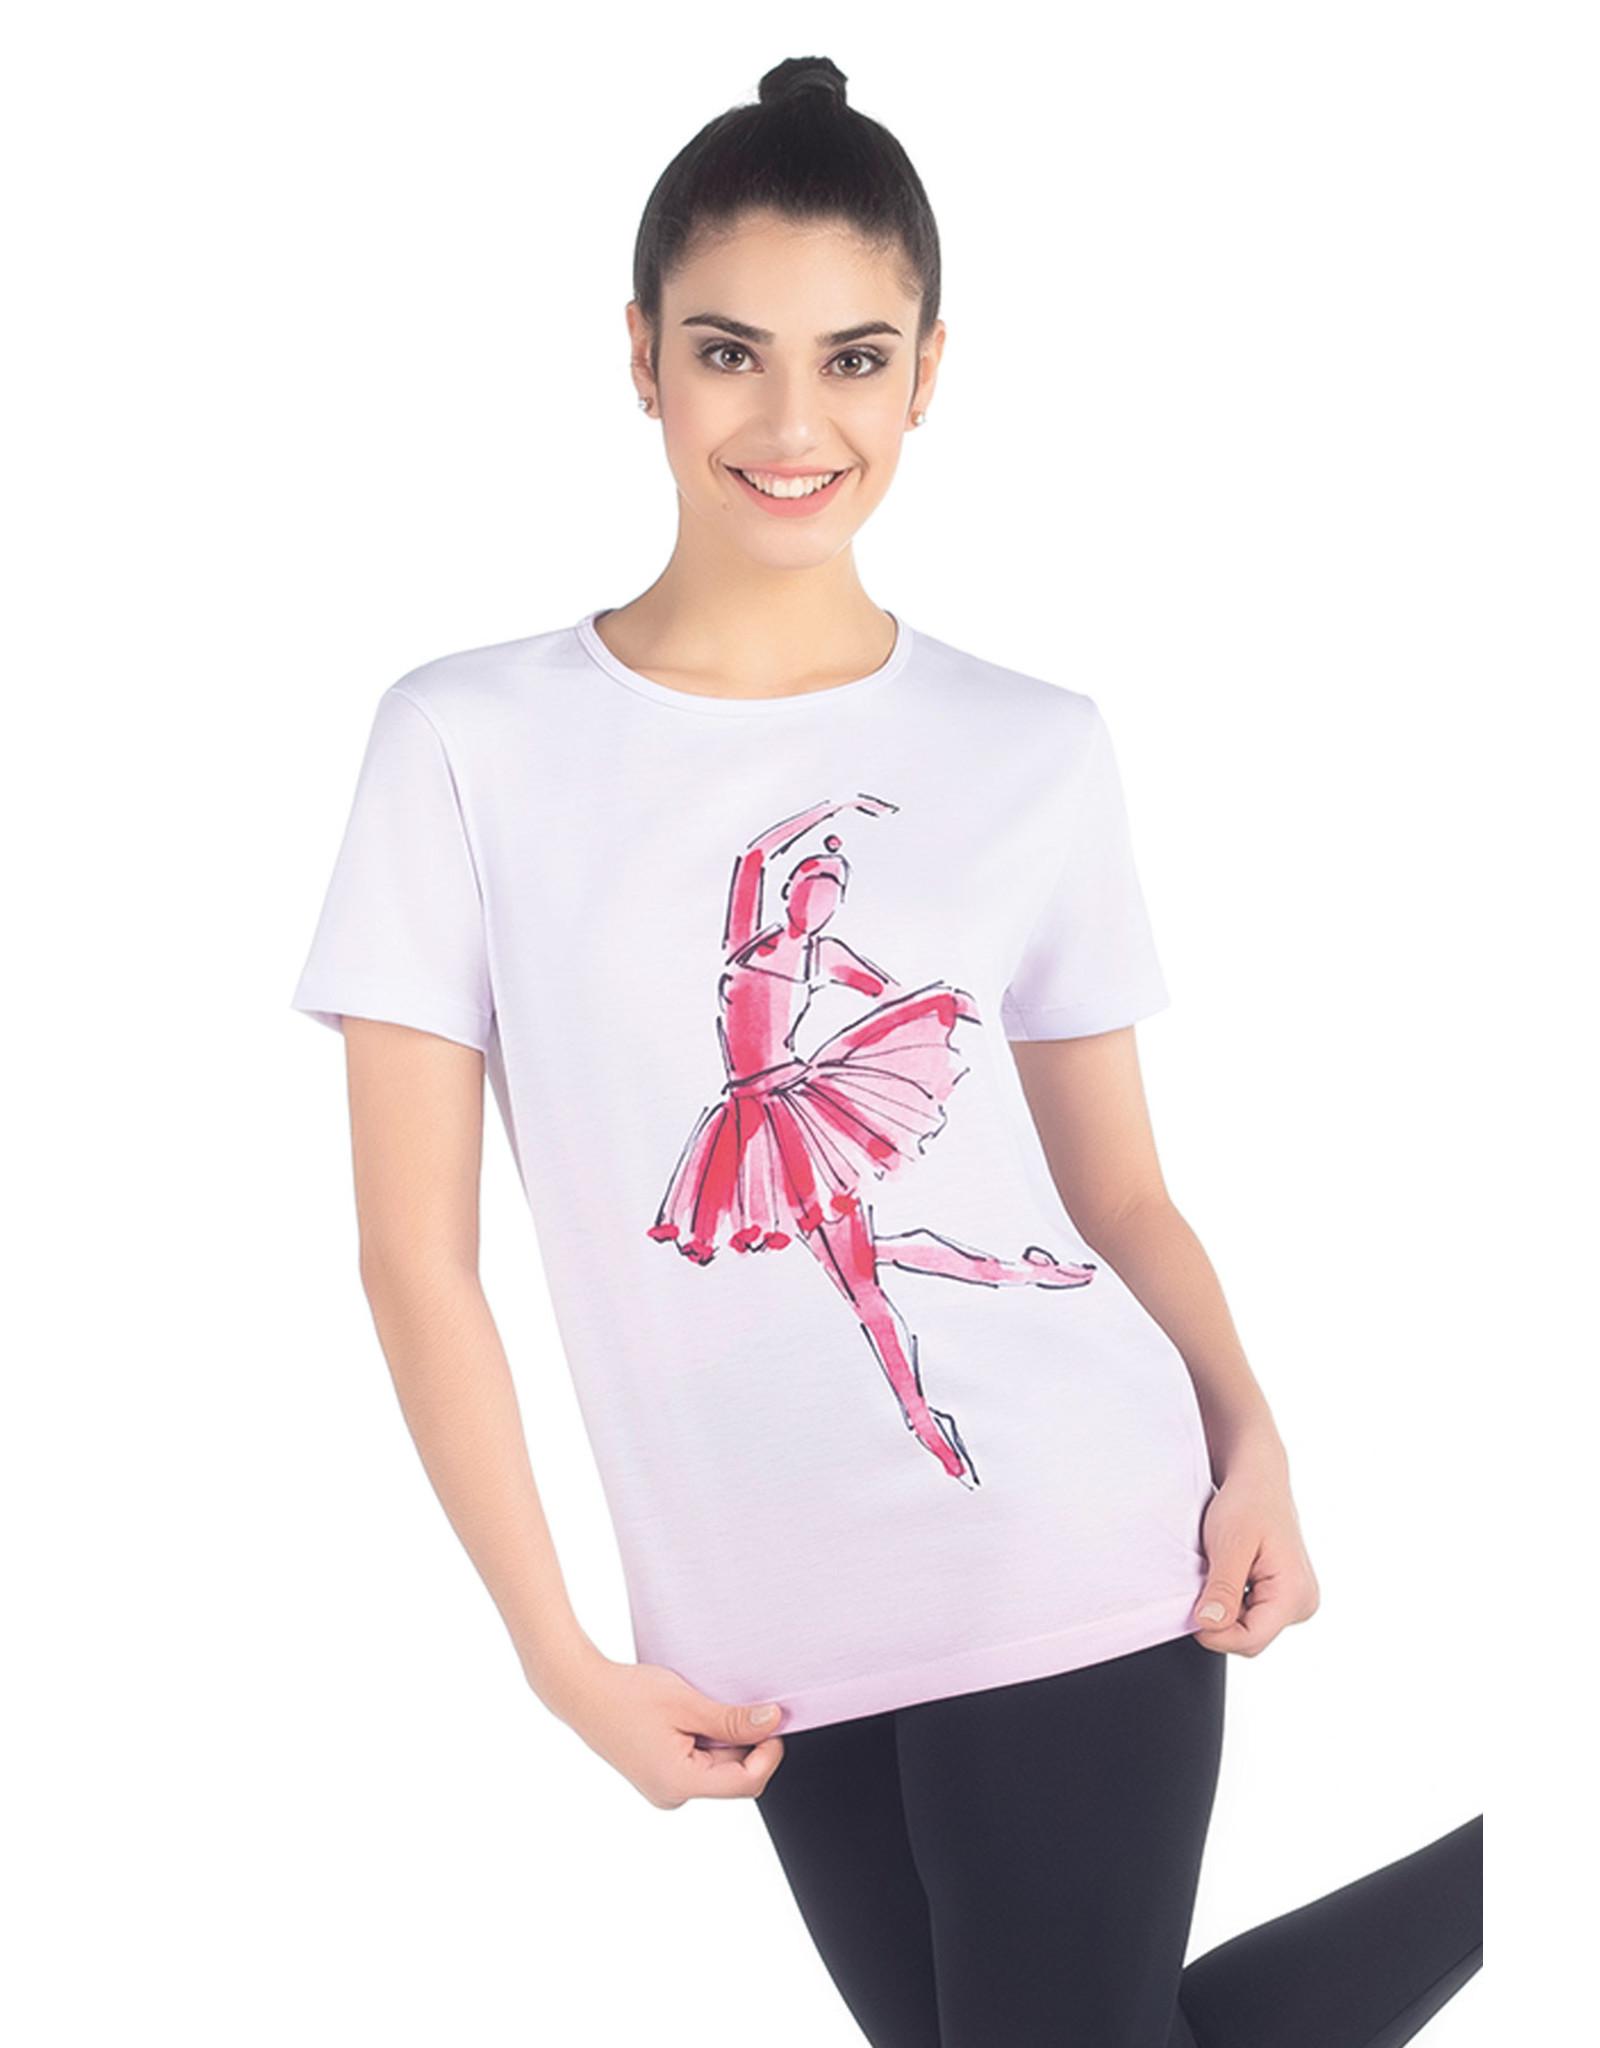 SoDanca SoDanca Adult ballet tshirt